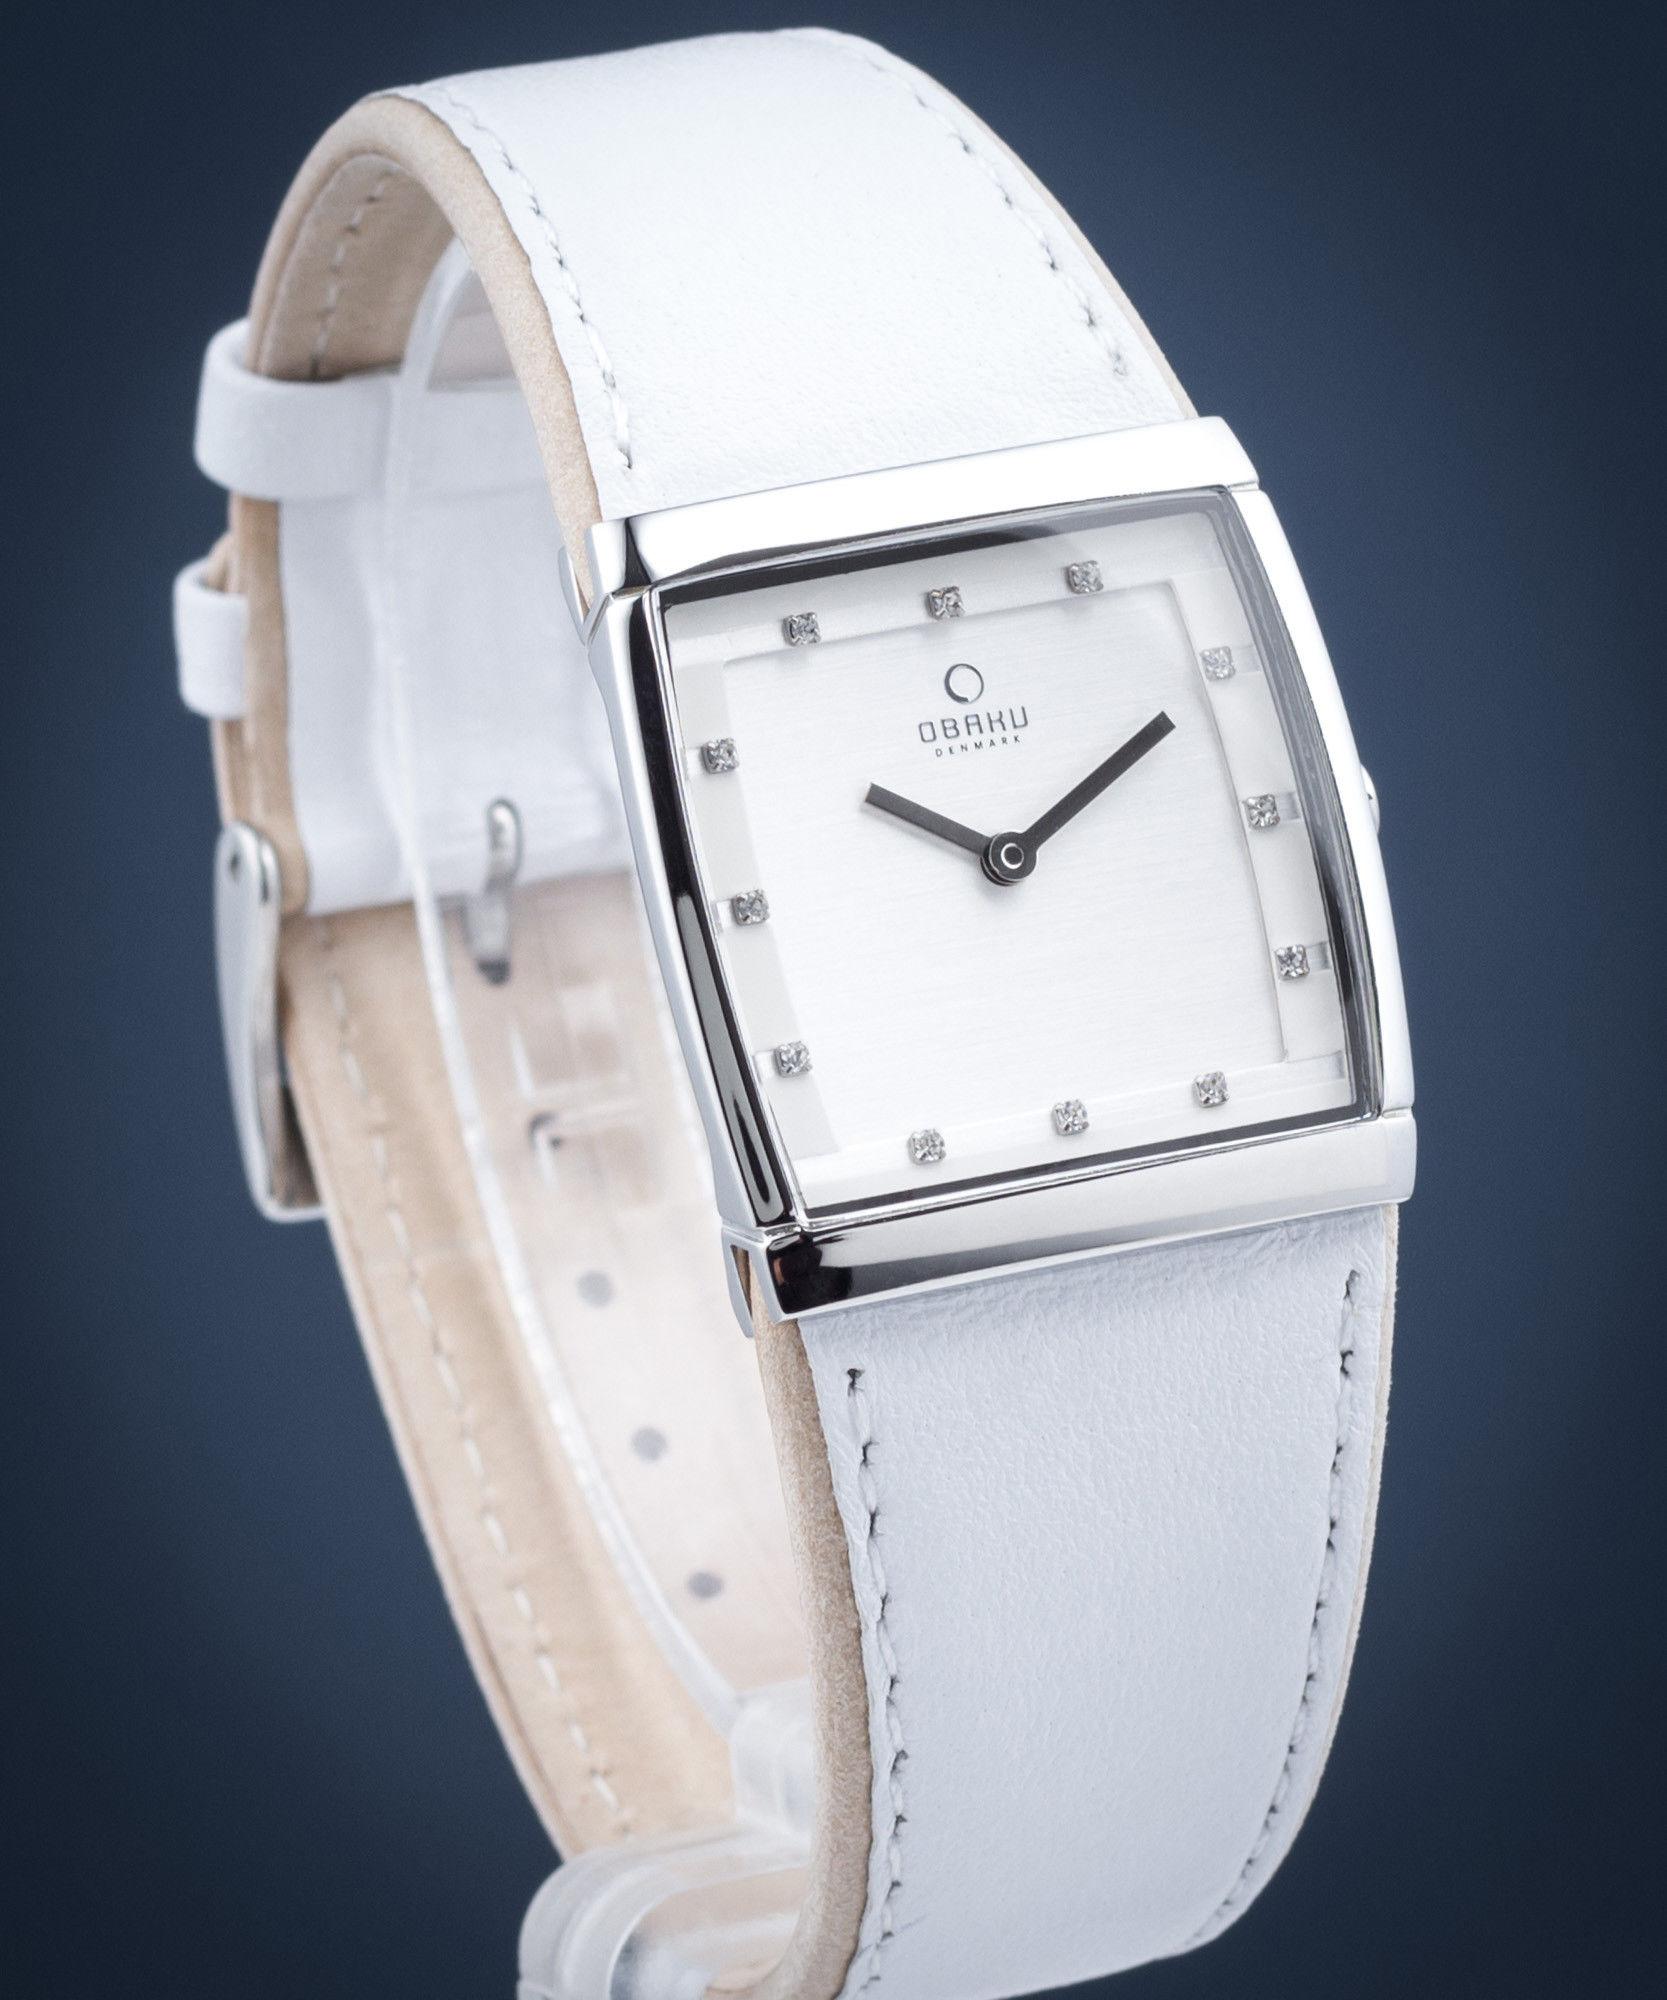 Zegarek Obaku Denmark V102LCCRW LUND LILLE - CENA DO NEGOCJACJI - DOSTAWA DHL GRATIS, KUPUJ BEZ RYZYKA - 100 dni na zwrot, możliwość wygrawerowania dowolnego tekstu.